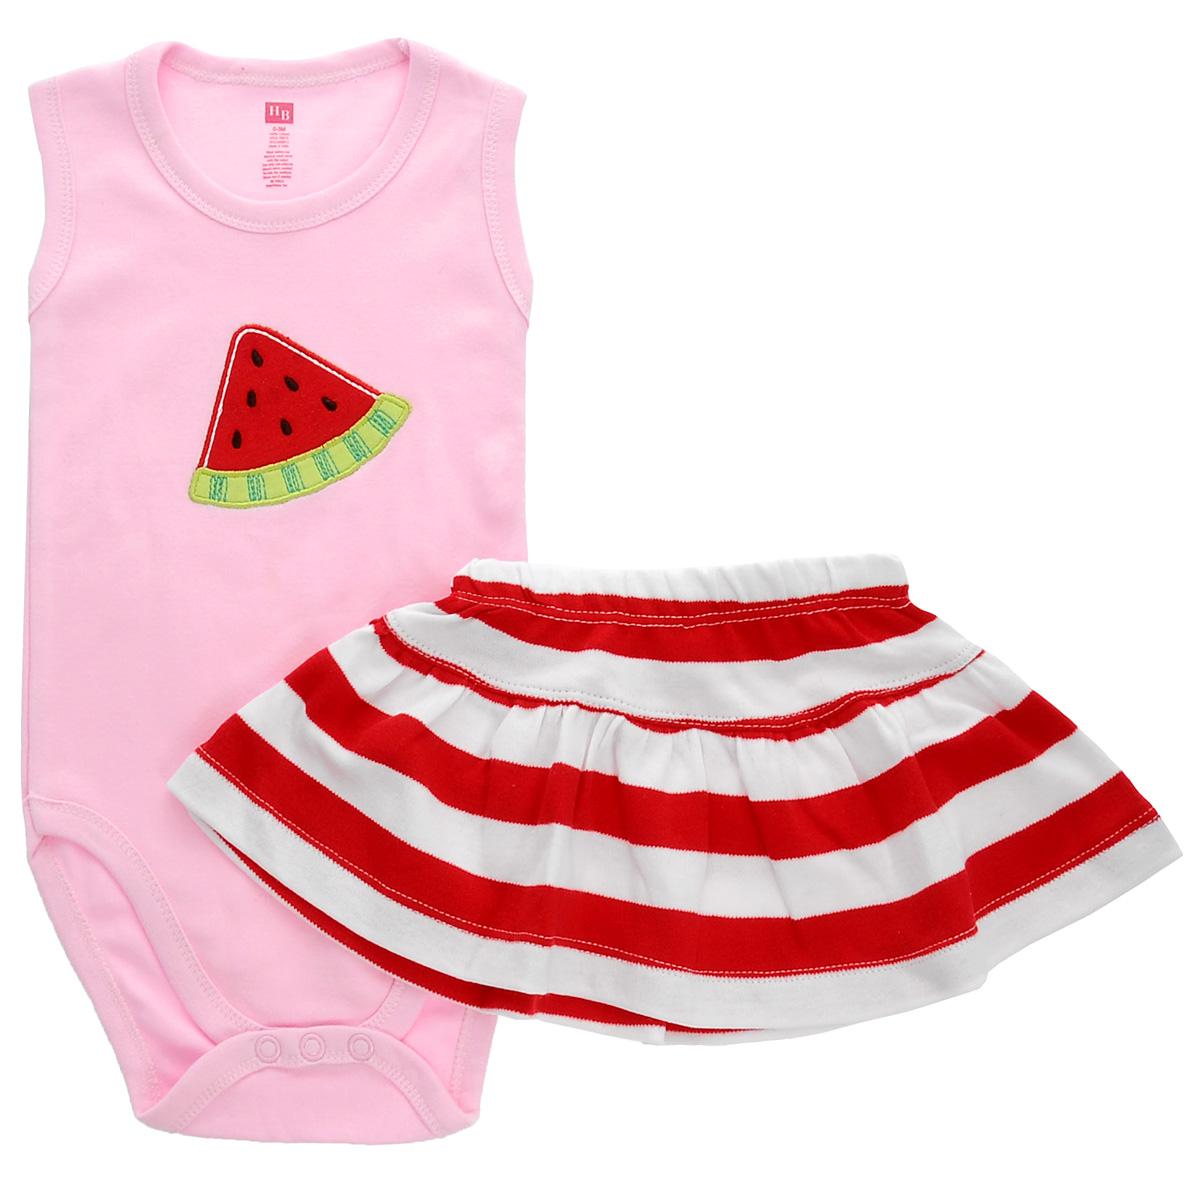 Комплект для девочки Арбуз: боди-майка, юбка. 5501555015Яркий комплект для девочки Hudson Baby Арбуз, состоящий из боди-майки и юбочки, послужит идеальным дополнением к гардеробу вашей малышки в теплое время года, обеспечивая ей наибольший комфорт. Изготовленный из натурального хлопка, он необычайно мягкий и легкий, не раздражает нежную кожу ребенка и хорошо вентилируется, а эластичные швы приятны телу младенца и не препятствуют его движениям. Боди-майка на широких бретелях имеет удобные застежки-кнопки на ластовице, которые помогают легко переодеть младенца и сменить подгузник. На груди оно оформлено нашивкой в виде дольки арбуза. Юбочка, оформленная притом в полоску, благодаря мягкому эластичному поясу не сдавливает животик малышки и не сползает, обеспечивая ей наибольший комфорт. Комплект полностью соответствует особенностям жизни ребенка в ранний период, не стесняя и не ограничивая его в движениях. В нем ваша малышка всегда будет в центре внимания.